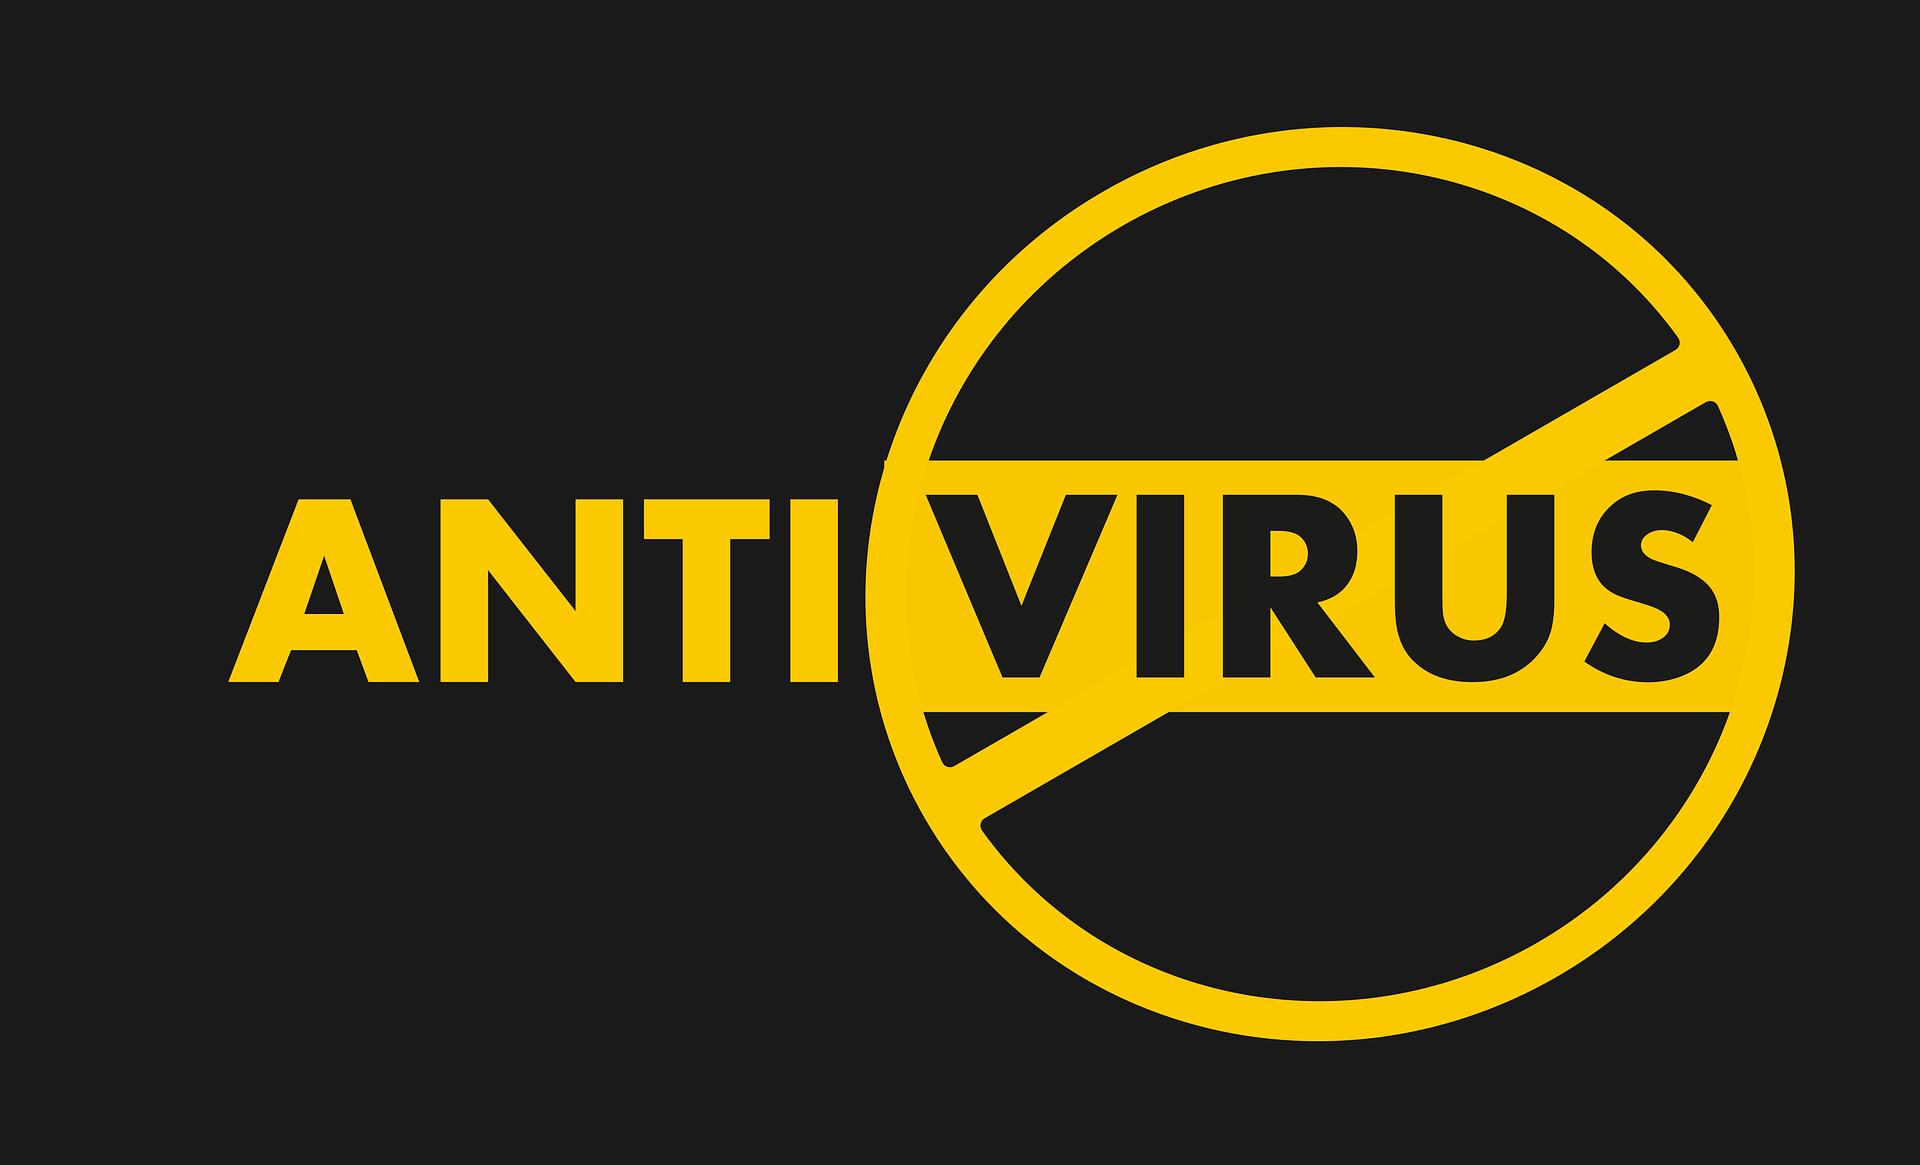 2018 En İyi Ücretsiz Antivirüs Programları